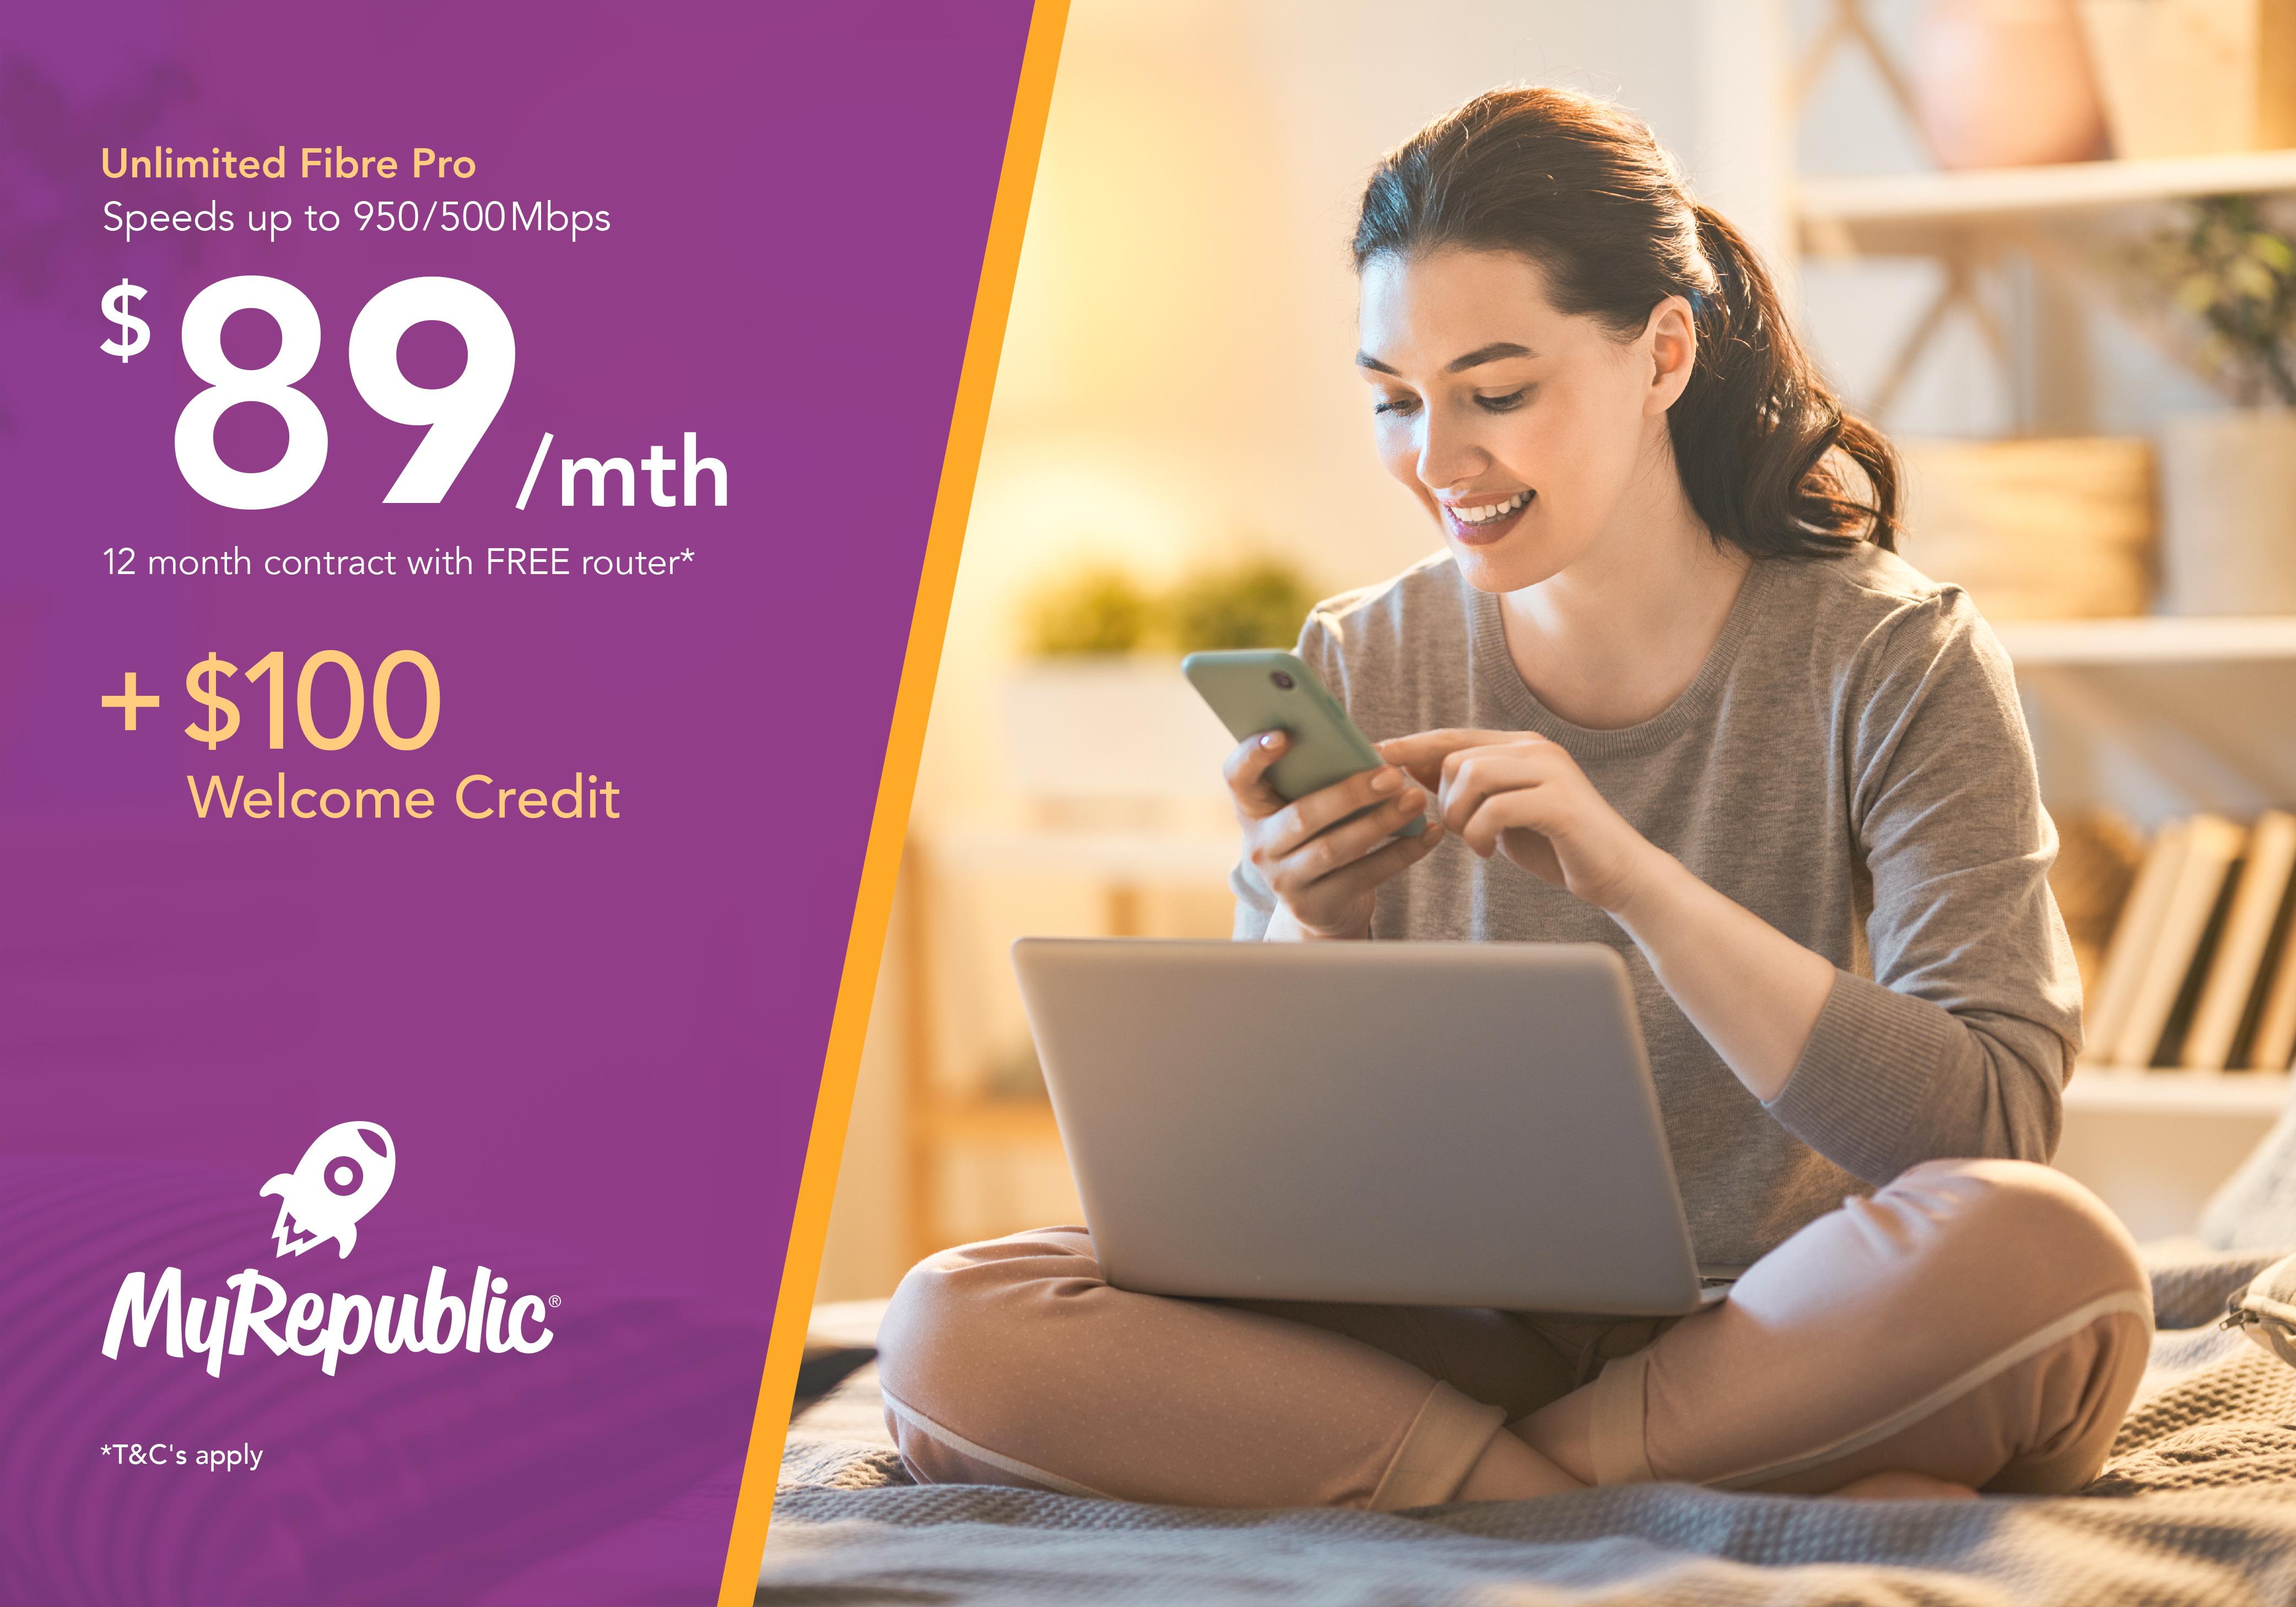 MyRepublic - Fibre Pro just $89/month